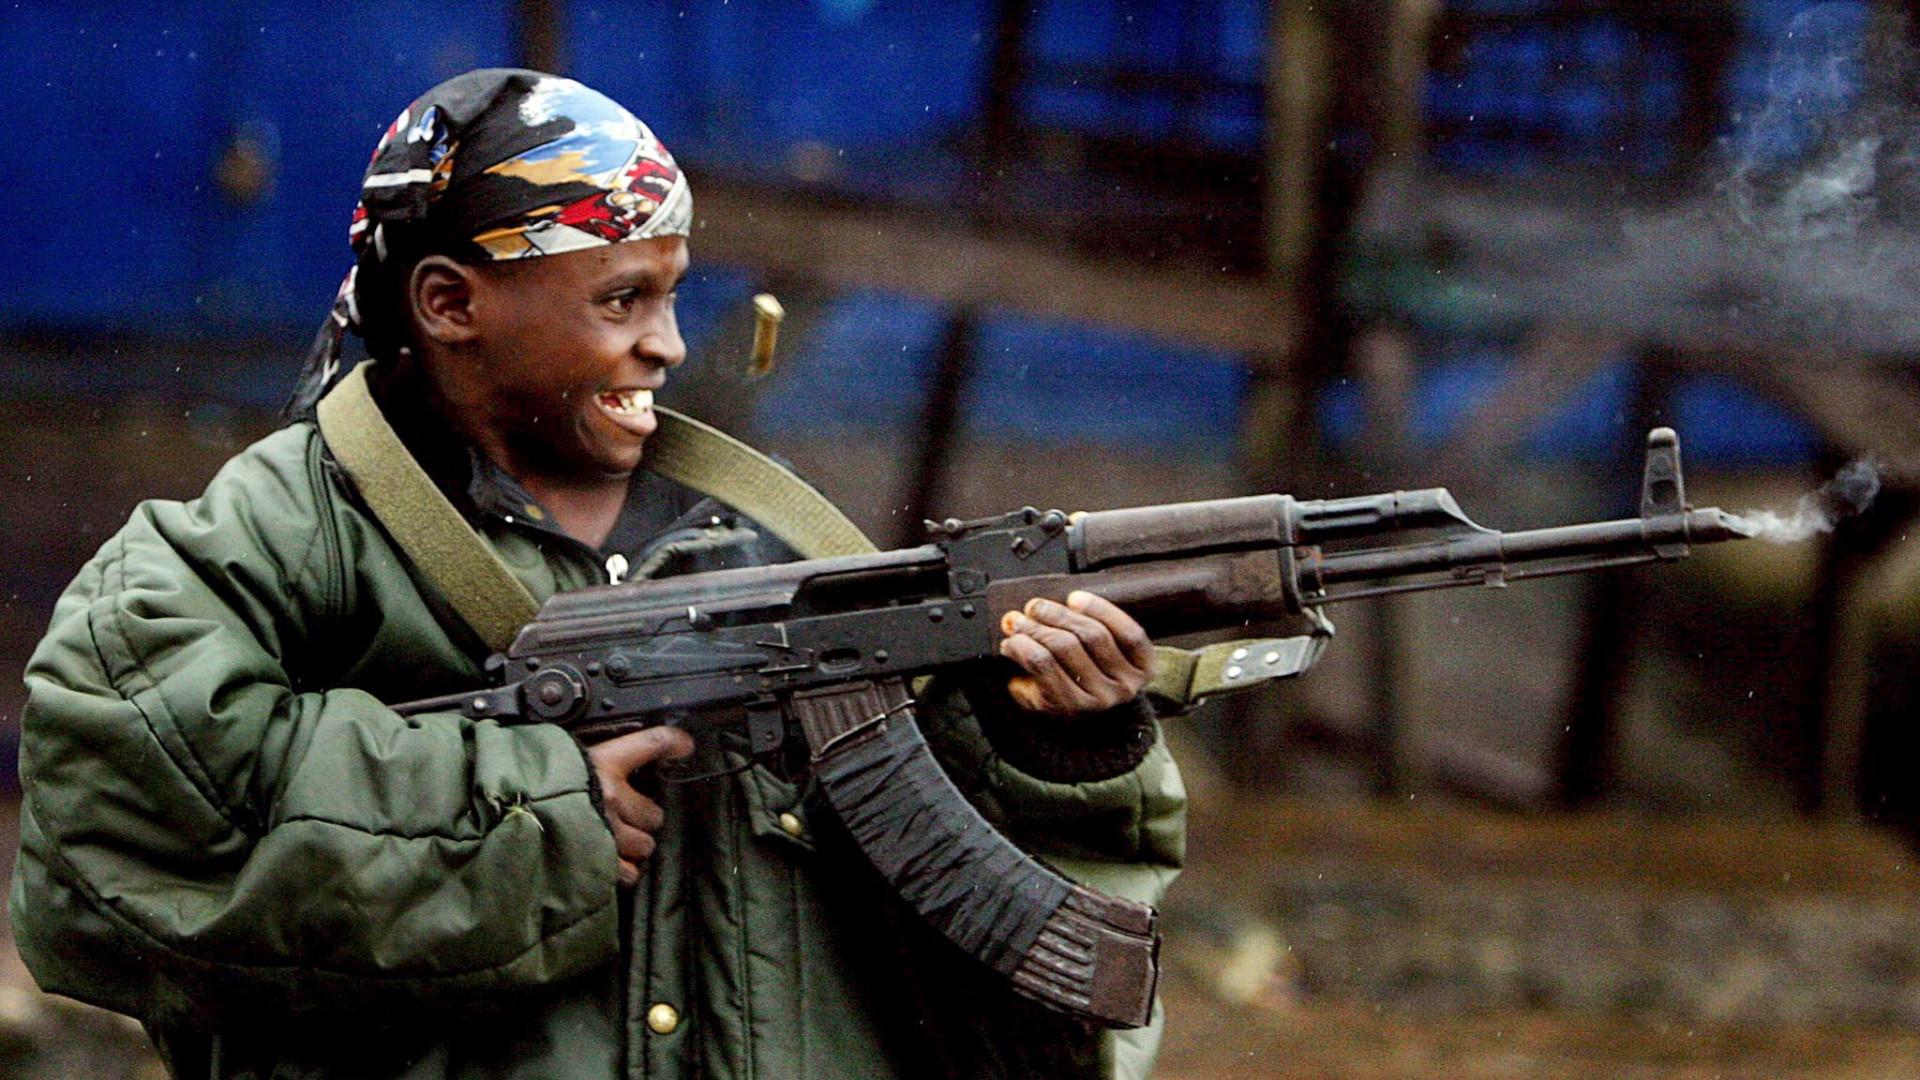 Seis nações africanas entre as piores para ser criança em zona de guerra